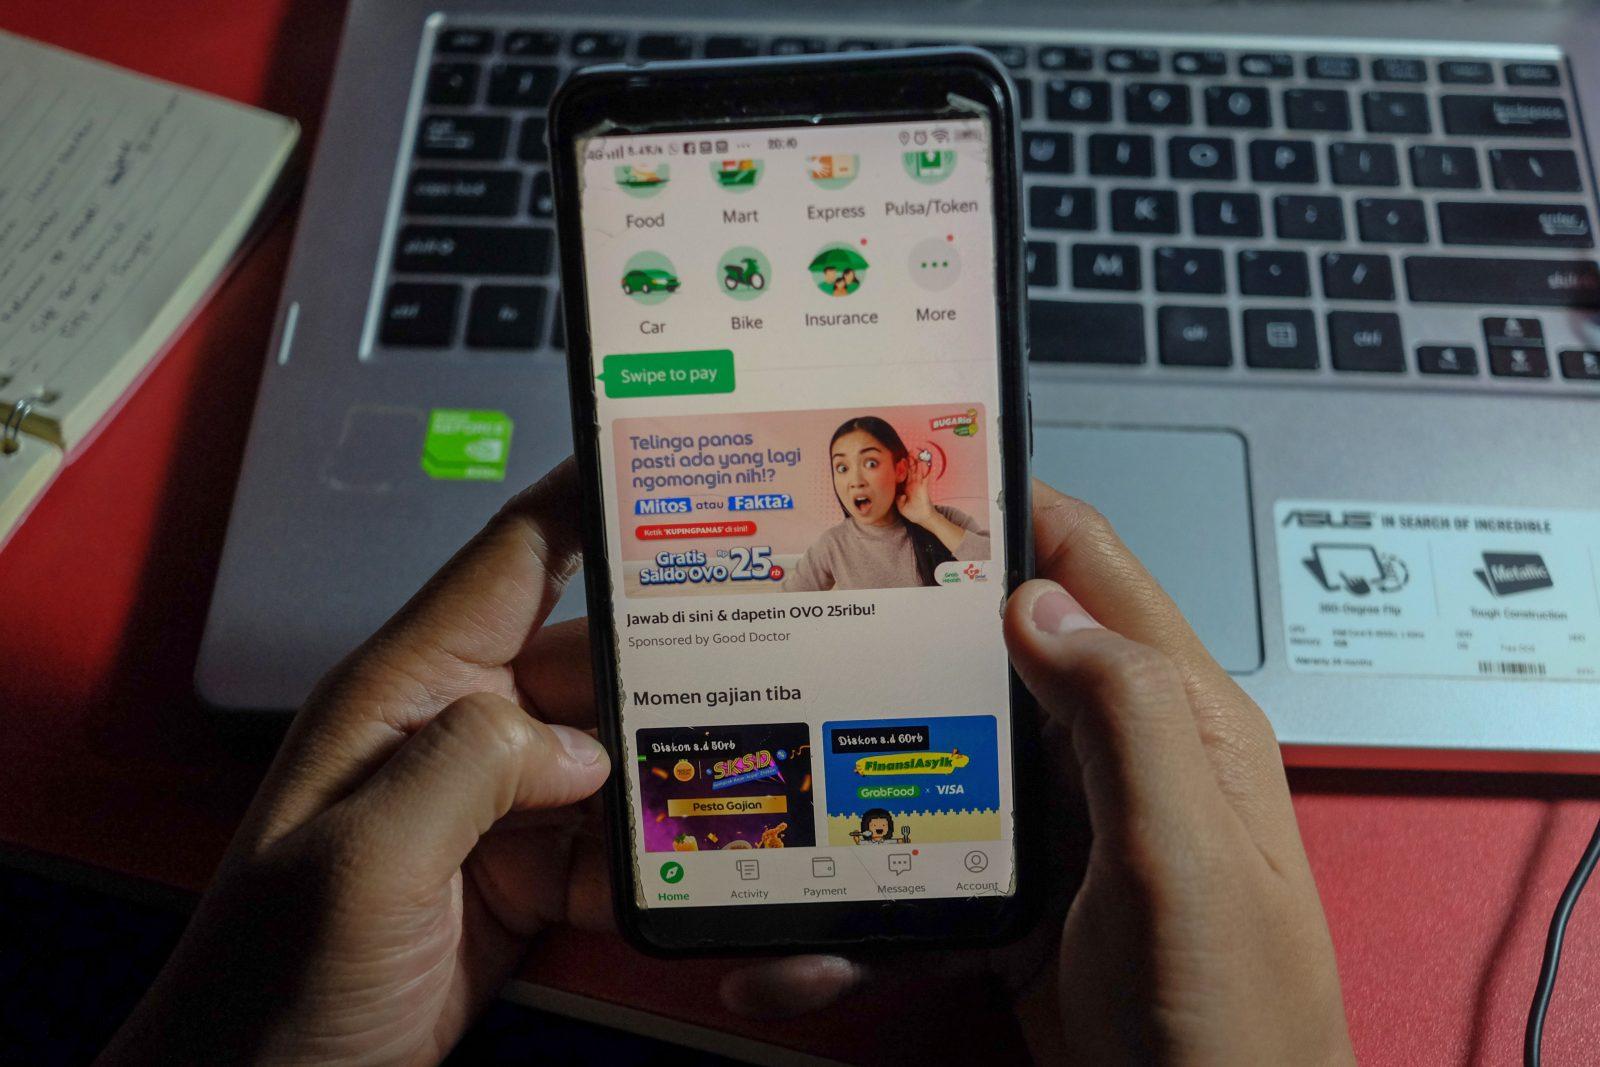 Giao diện các dịch vụ được cung cấp trên nền tảng Grab.